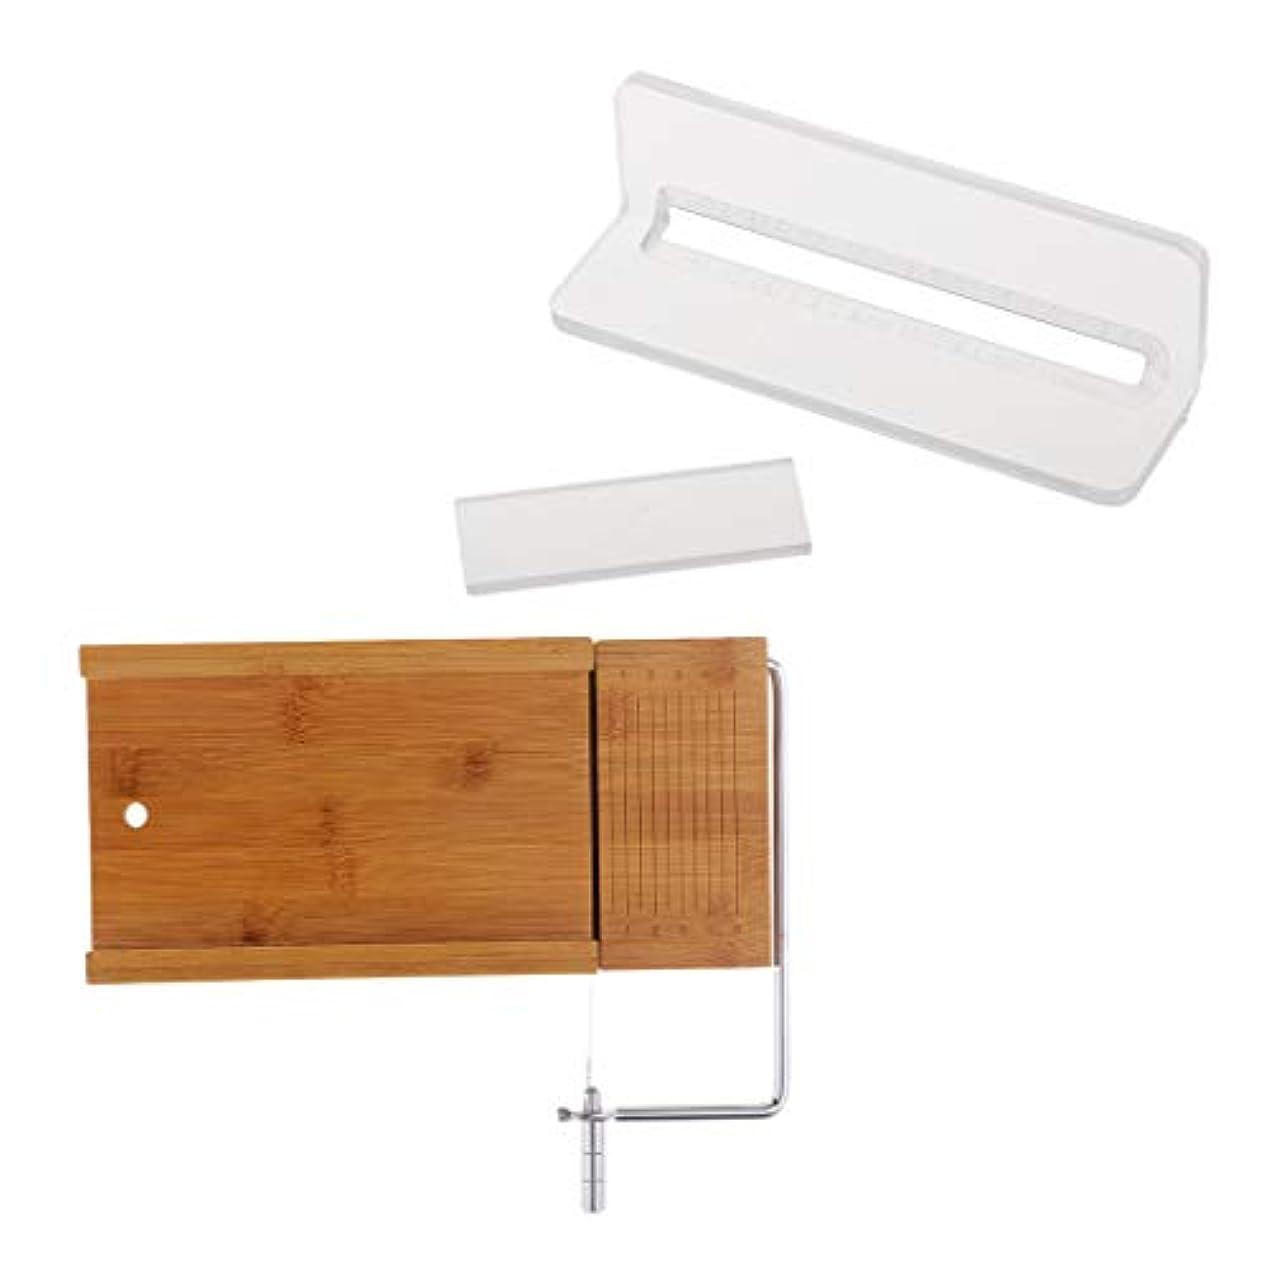 サンプルブランド名知っているに立ち寄るdailymall 木製石鹸カッタースライサーベベラープレーナー手作り石鹸切削工具を作る